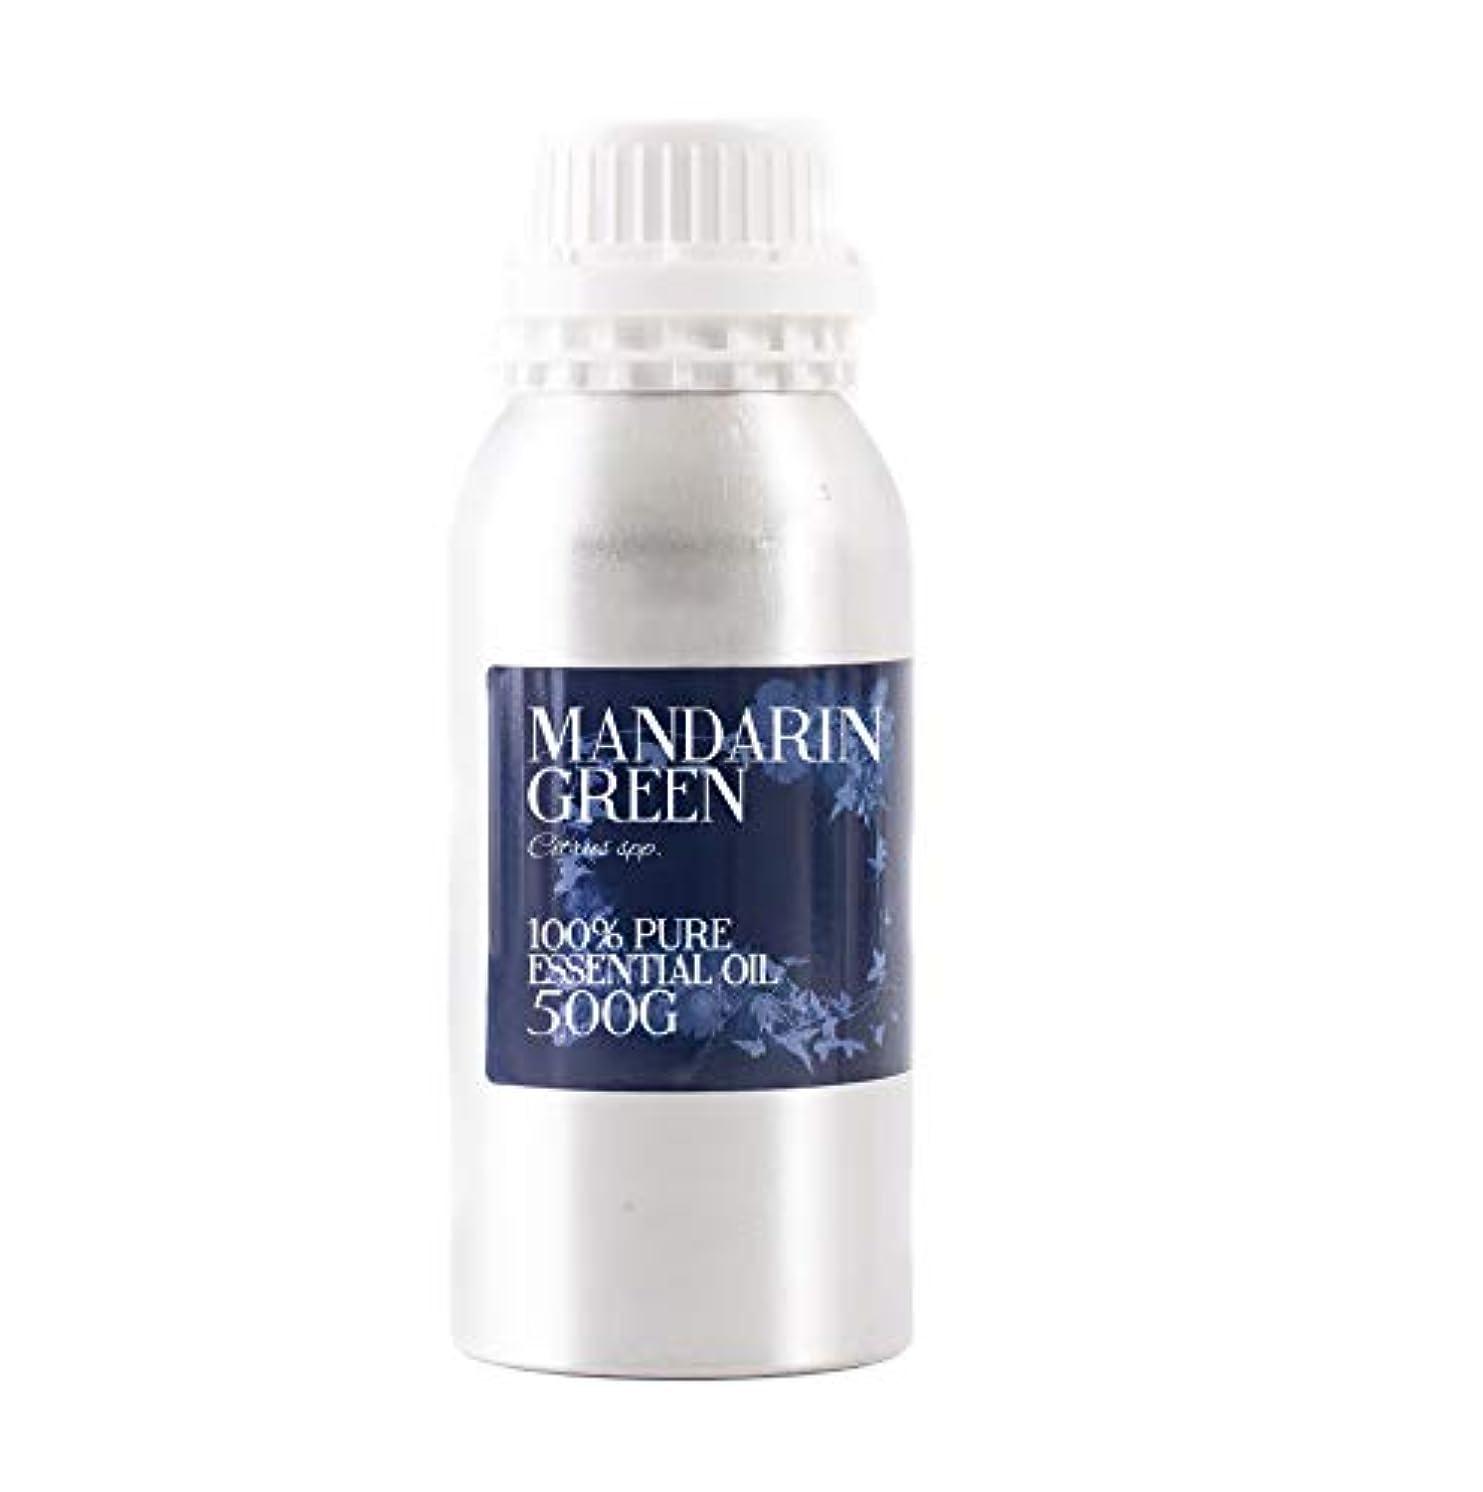 ステープル過度にかろうじてMystic Moments | Mandarin Green Essential Oil - 500g - 100% Pure